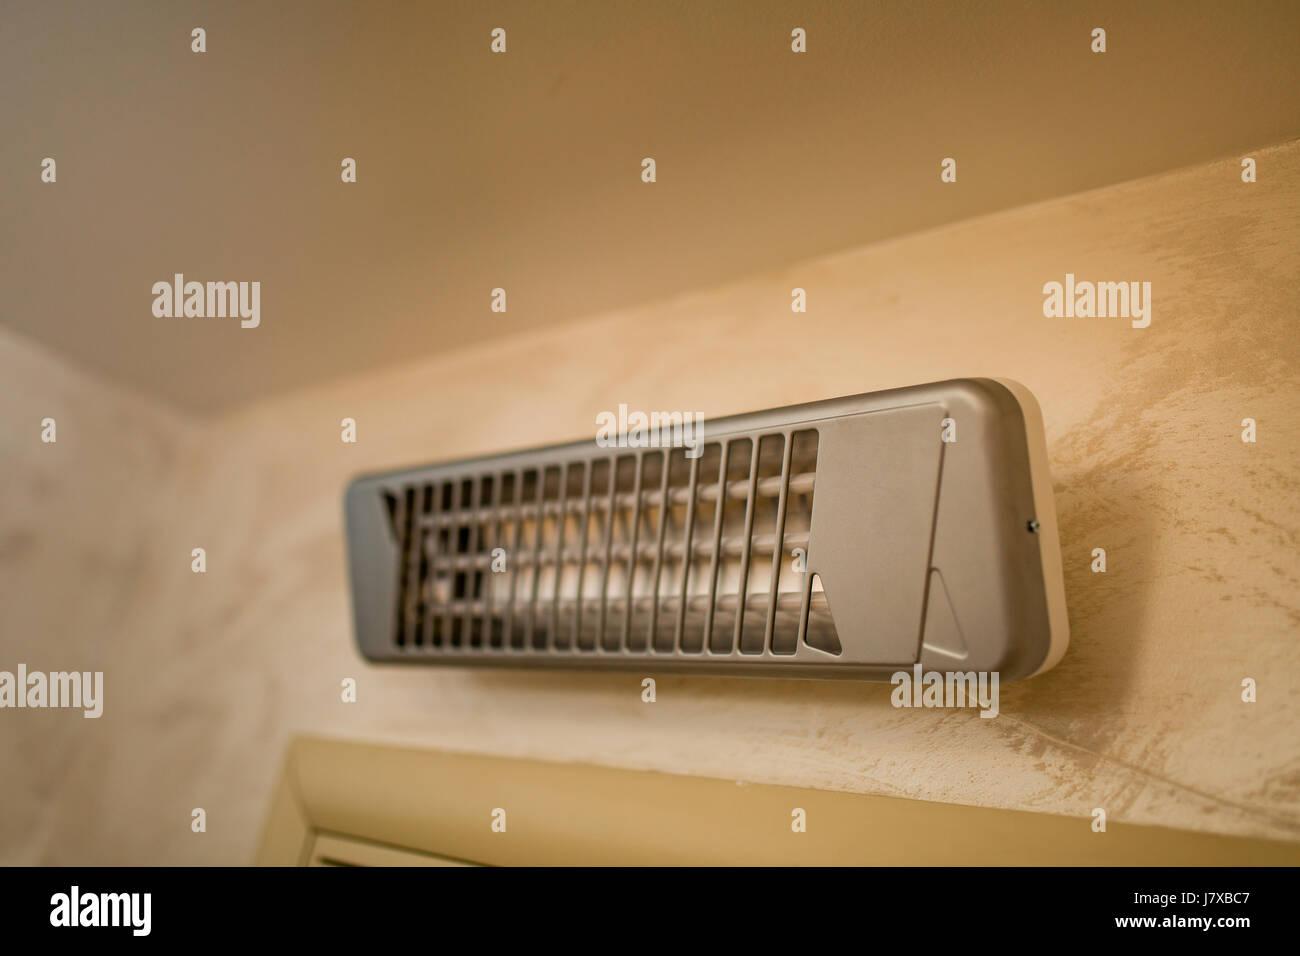 Infrarot-Heizung an der Wand im Badezimmer Stockfotografie - Alamy